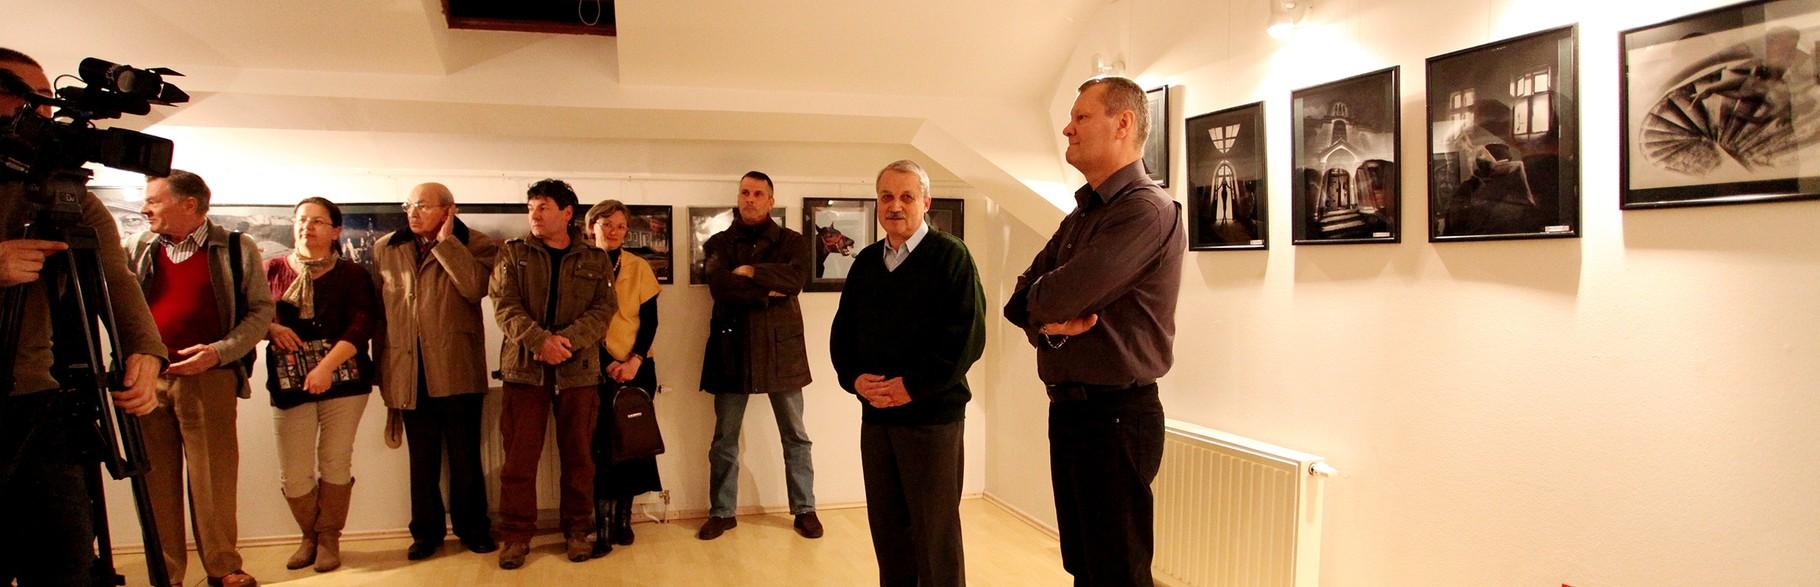 16.01.2014 - Targu Mures (RO)